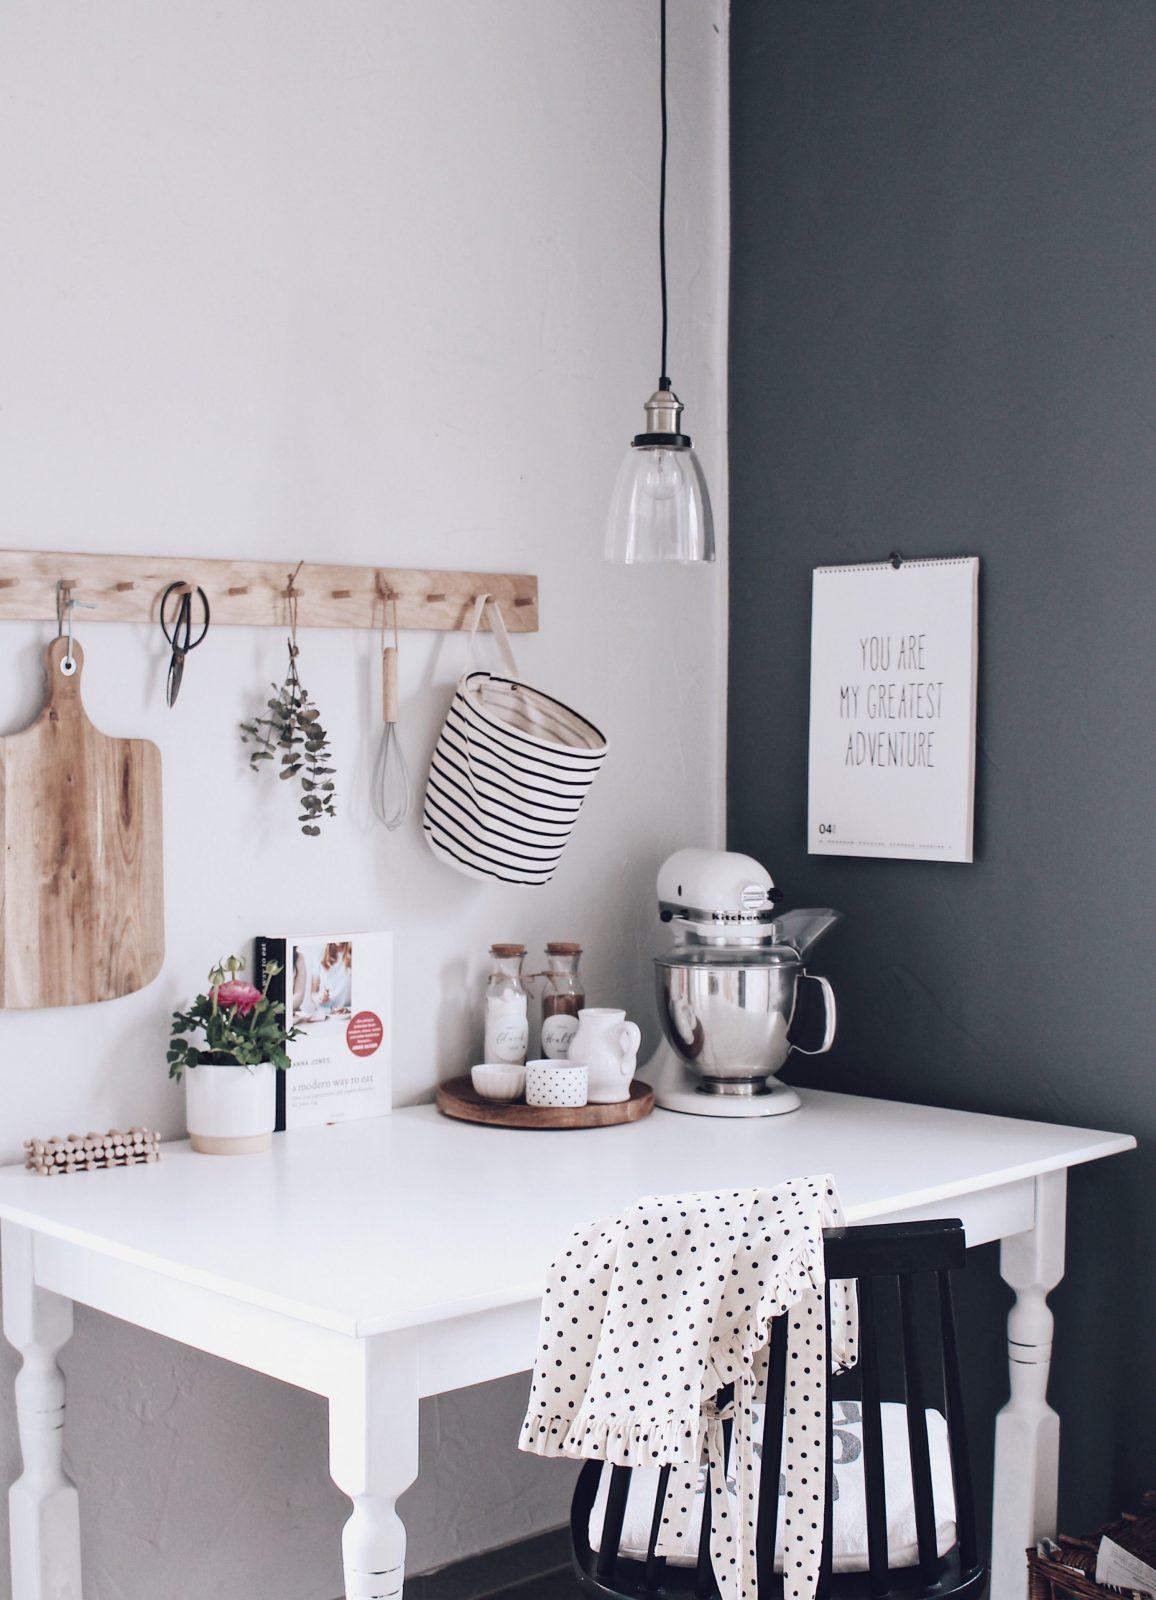 Küche Neu Gestalten  Schnell Und Einfach Mit Tafelfarbe  Küche von Deko Ideen Küche Wand Bild